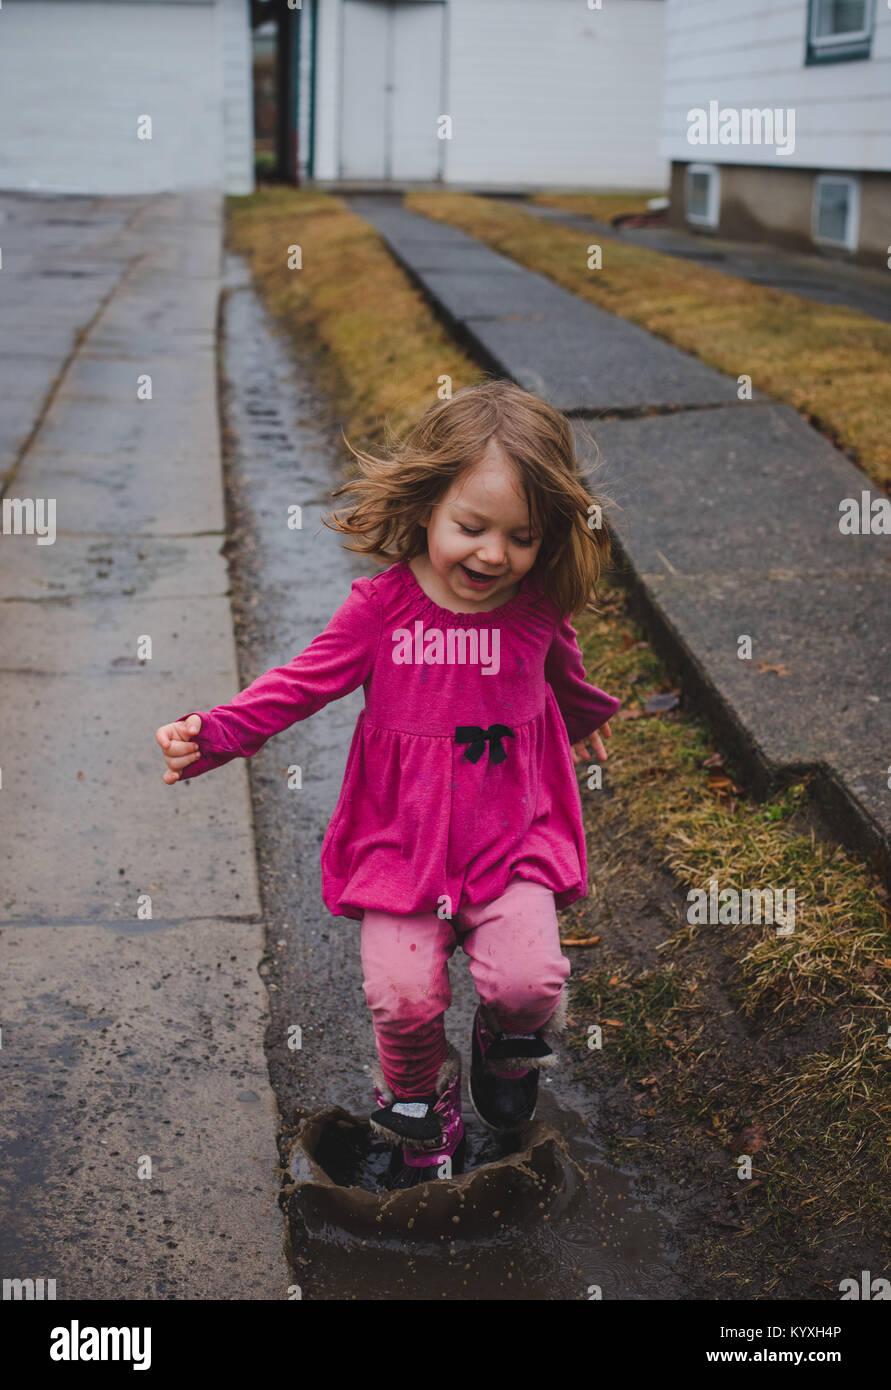 Kleinkind Mädchen mit rosa, Springen in ein Schlammloch in einer Fahrstraße an einem regnerischen Tag. Stockbild